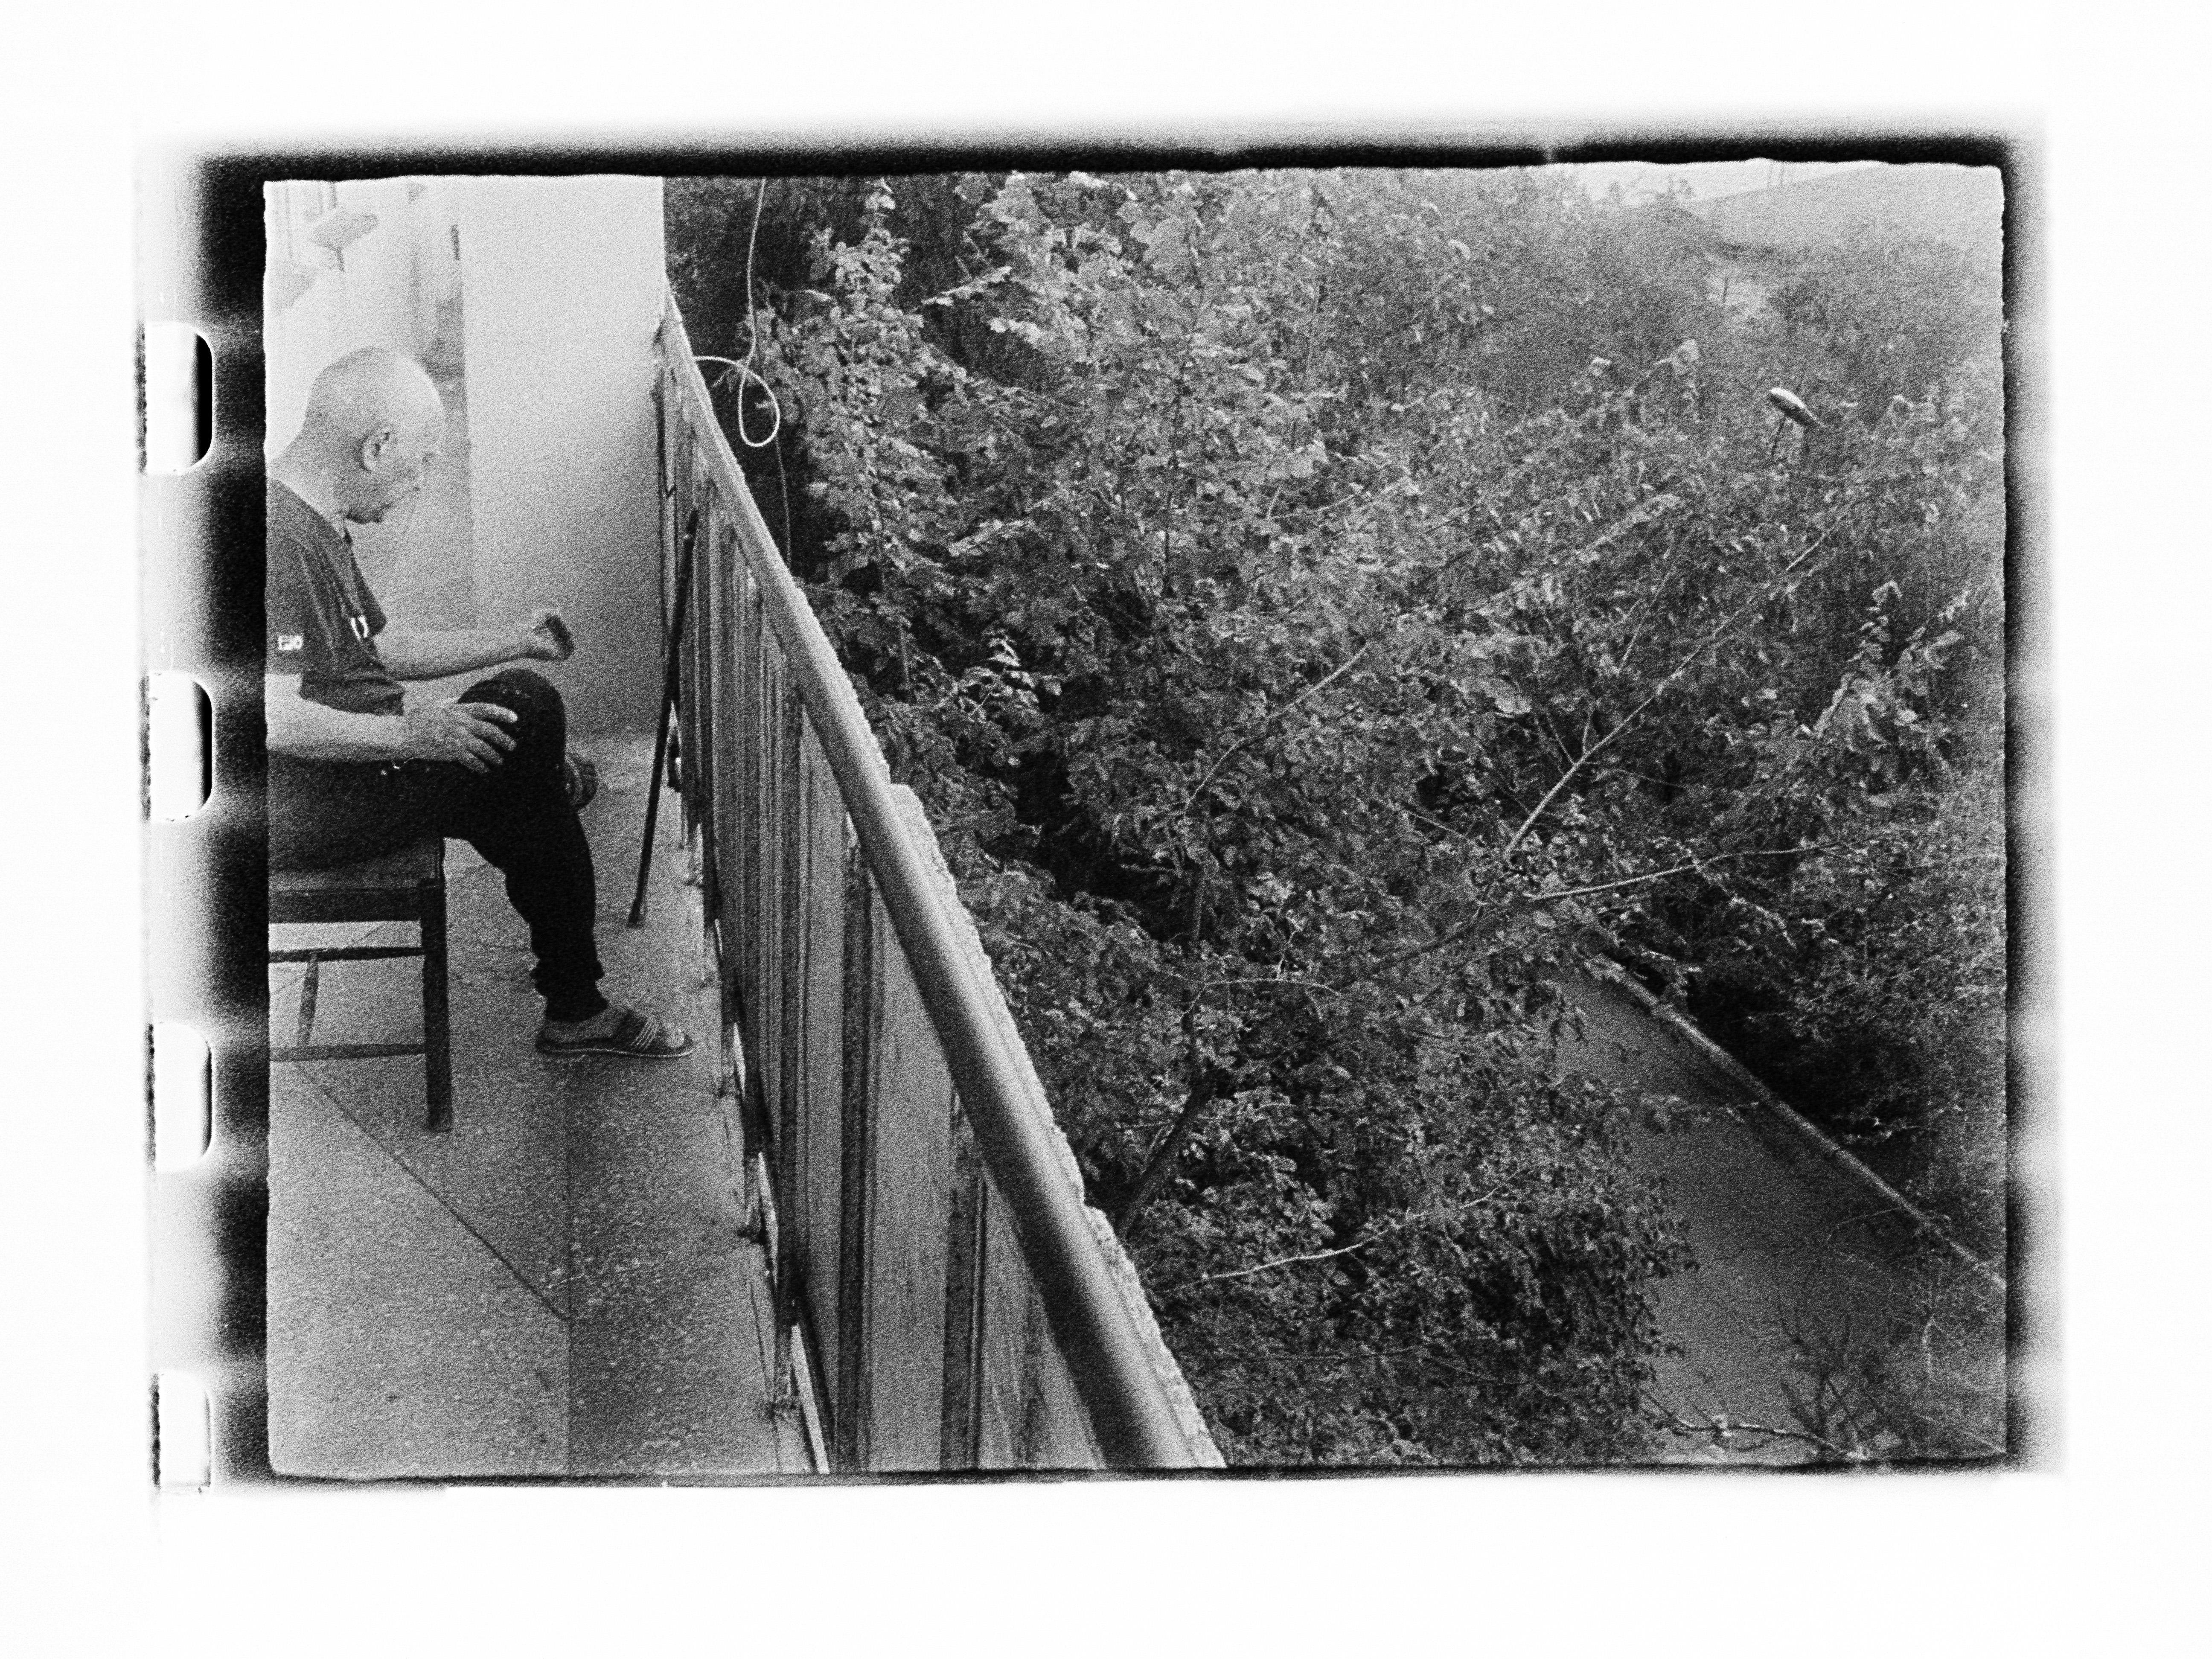 Man on balcony (Pic: Andrey Khludeyev)